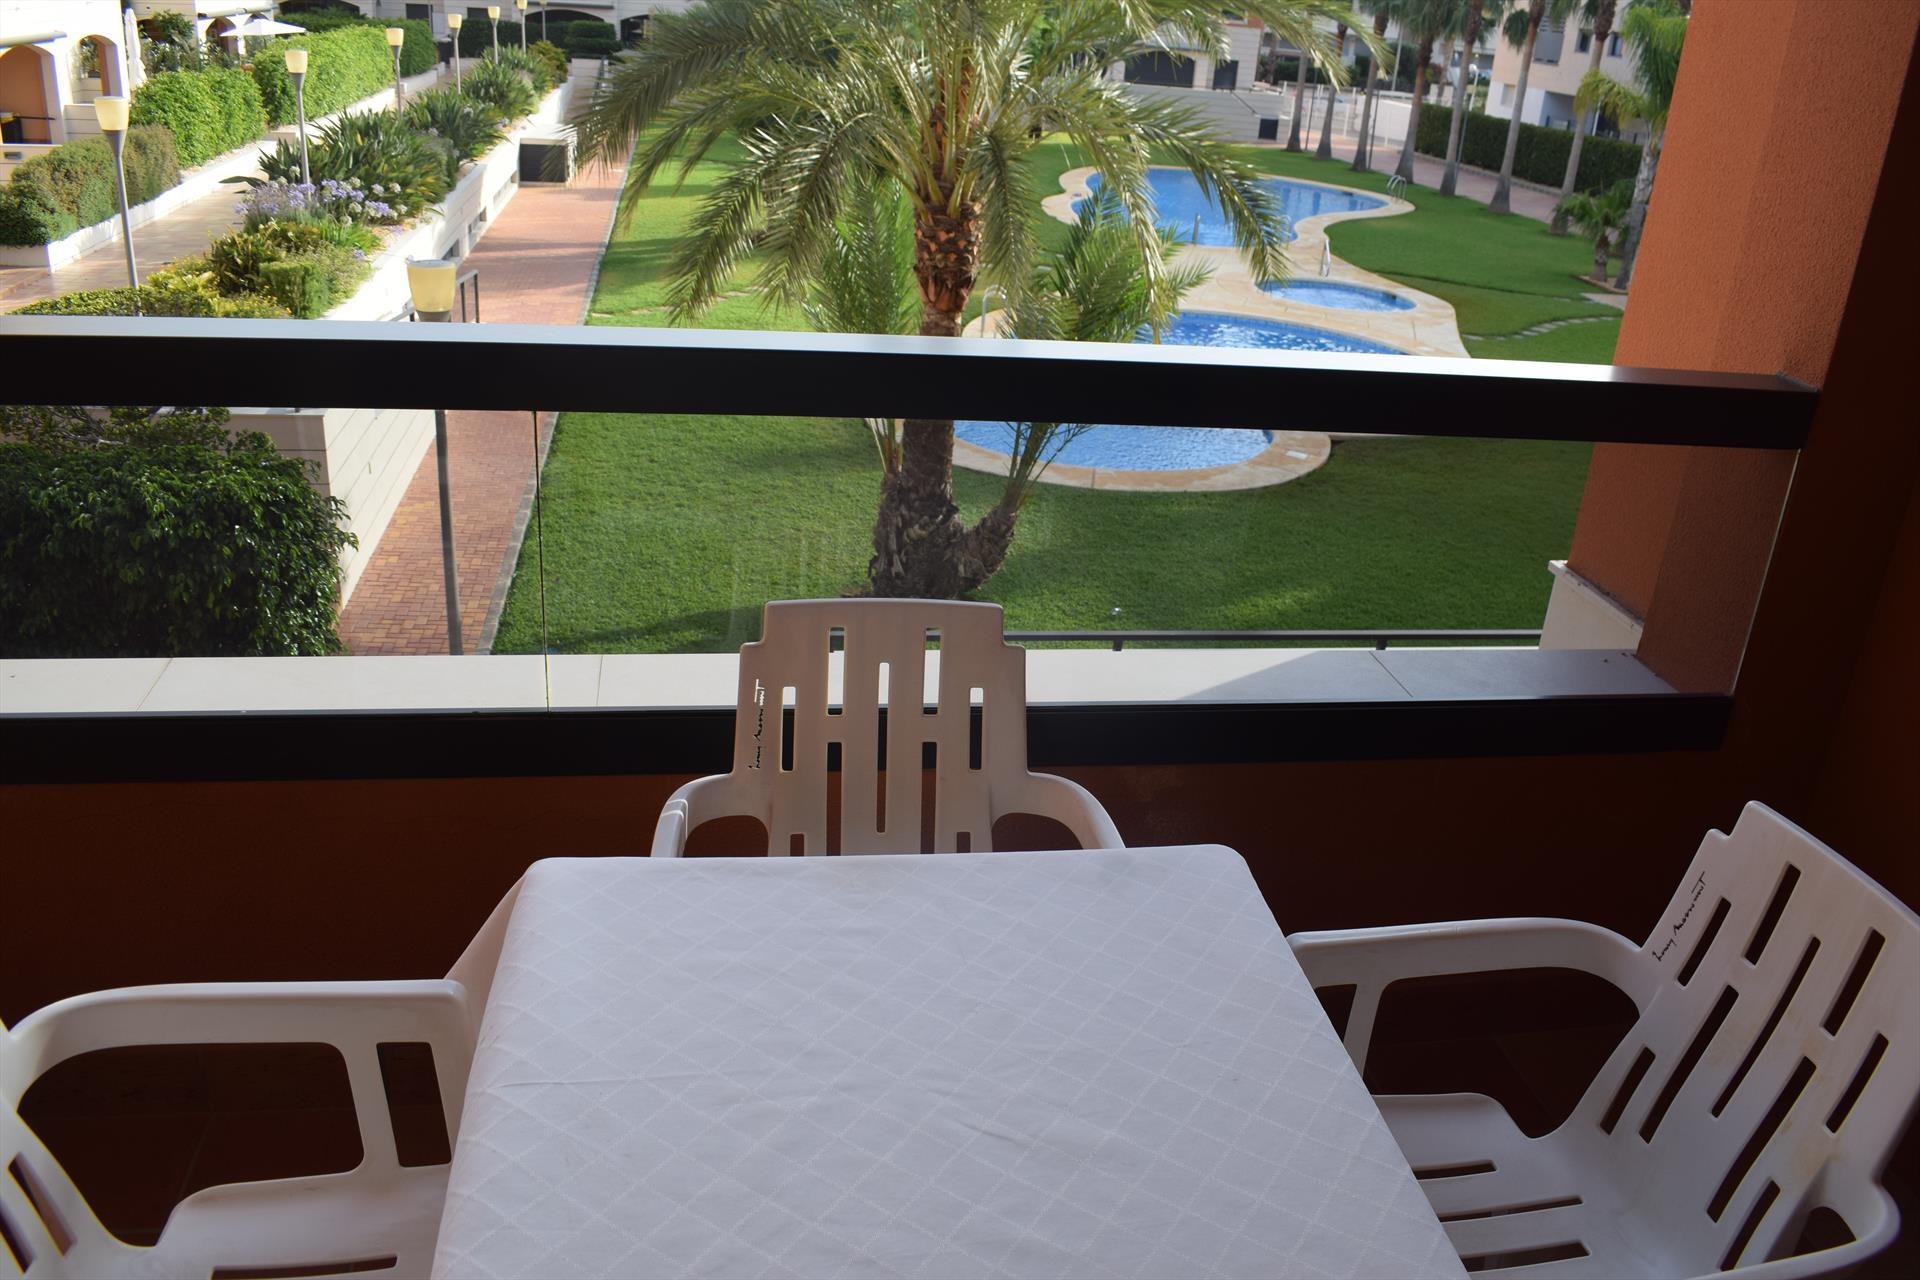 Jardines de la Marinas AP1114,Appartement moderne et confortable à Denia, sur la Costa Blanca, Espagne  avec piscine communale pour 3 personnes.....